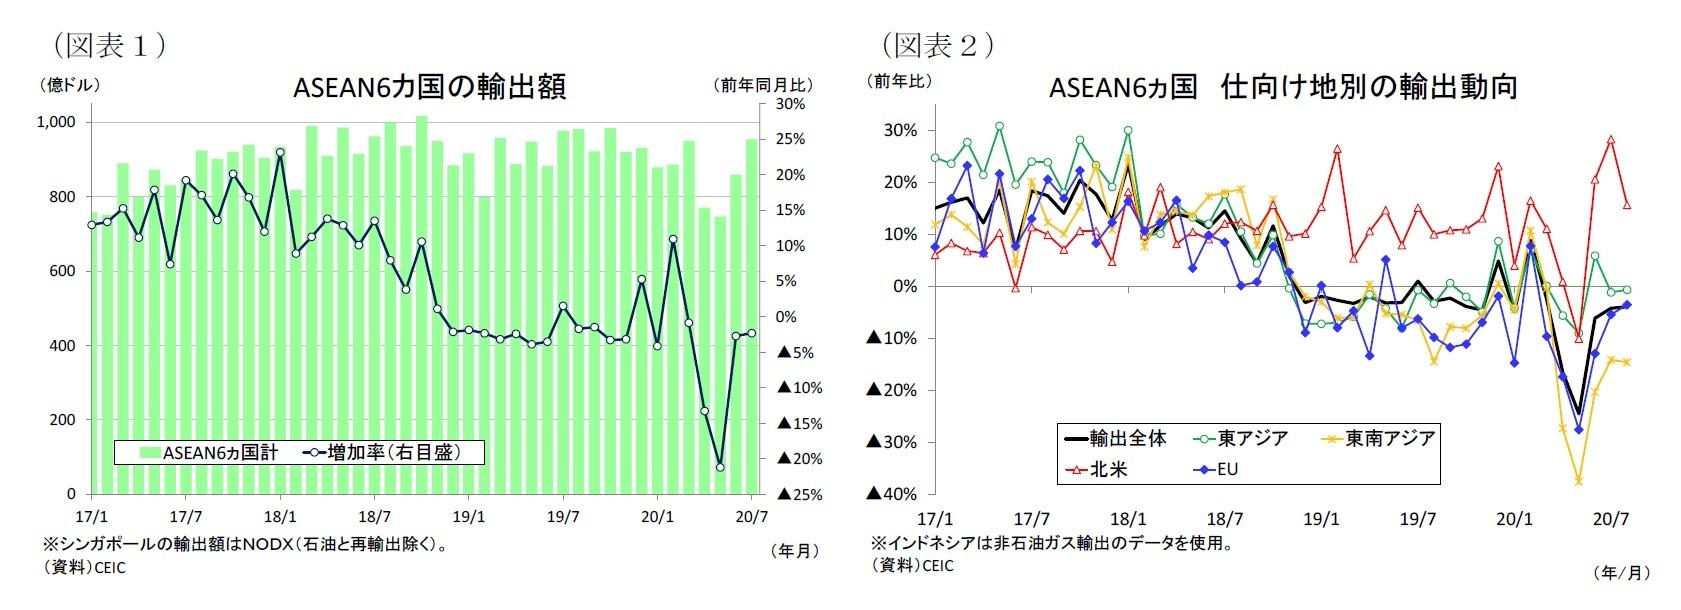 (図表1)ASEAN6カ国の輸出額/(図表2)ASEAN6ヵ国仕向け地別の輸出動向